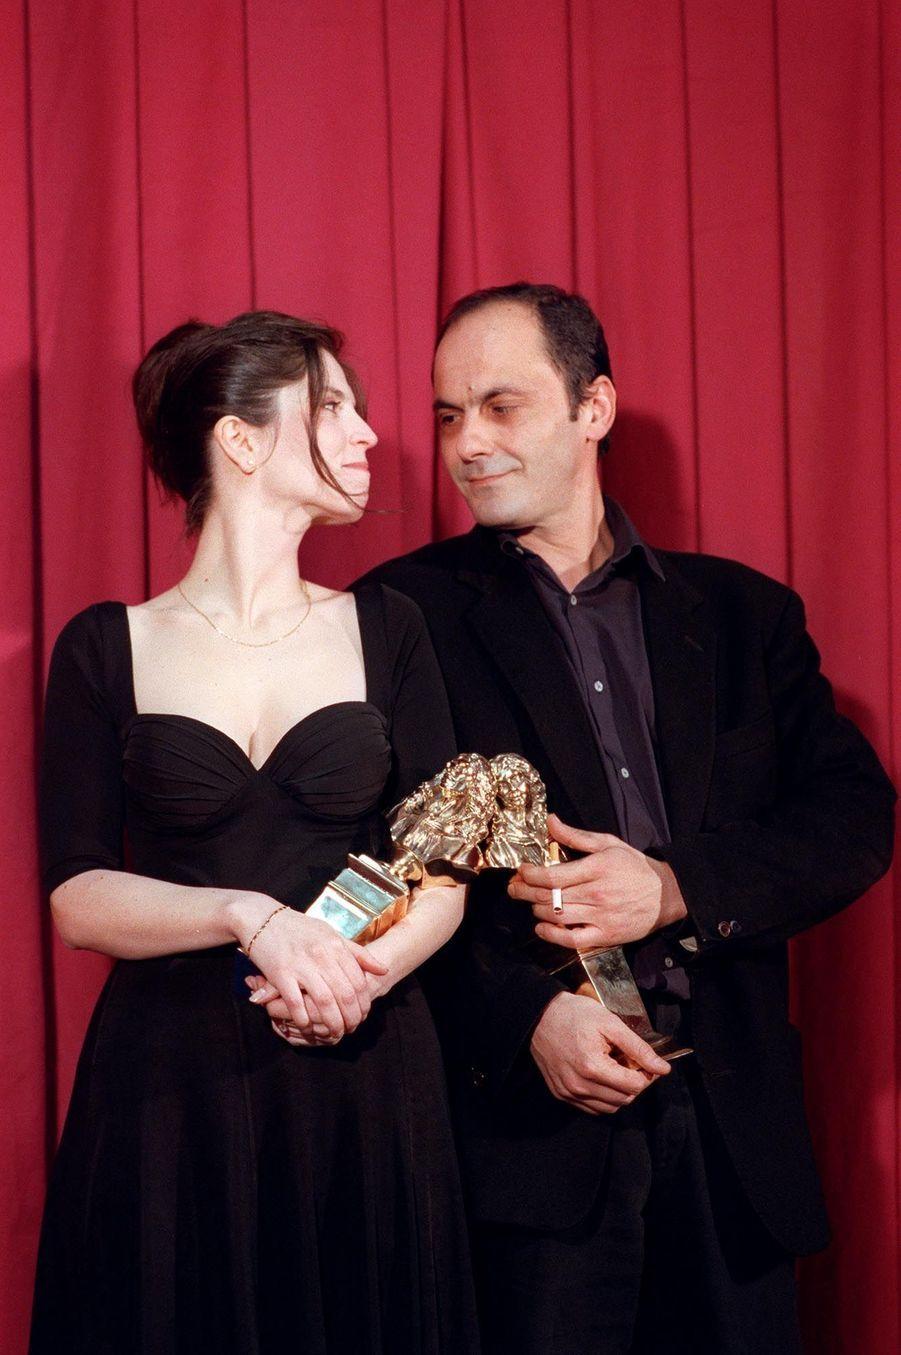 Jean-Pierre Bacri et Agnès Jaoui, reçevant le Molière de l'auteur pour « Cuisine et Dépendances », en avril 1992.